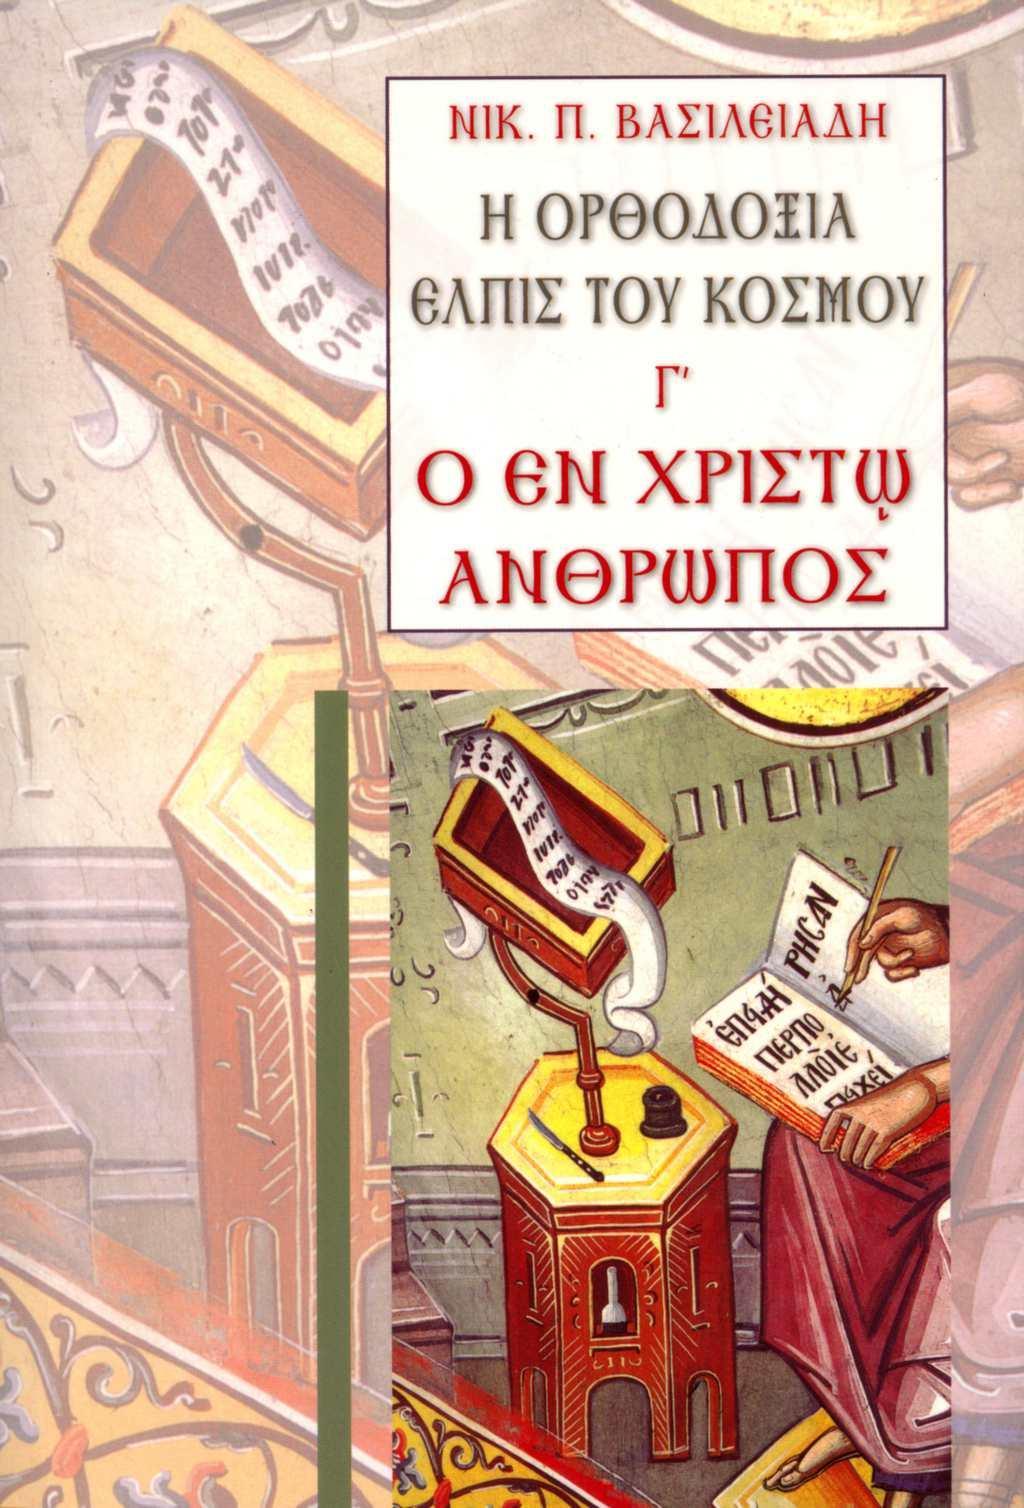 Δογματικά Η ΟΡΘΟΔΟΞΙΑ ΕΛΠΙΣ ΤΟΥ ΚΟΣΜΟΥ Γ΄ Ο ΕΝ ΧΡΙΣΤΩ ΑΝΘΡΩΠΟΣ